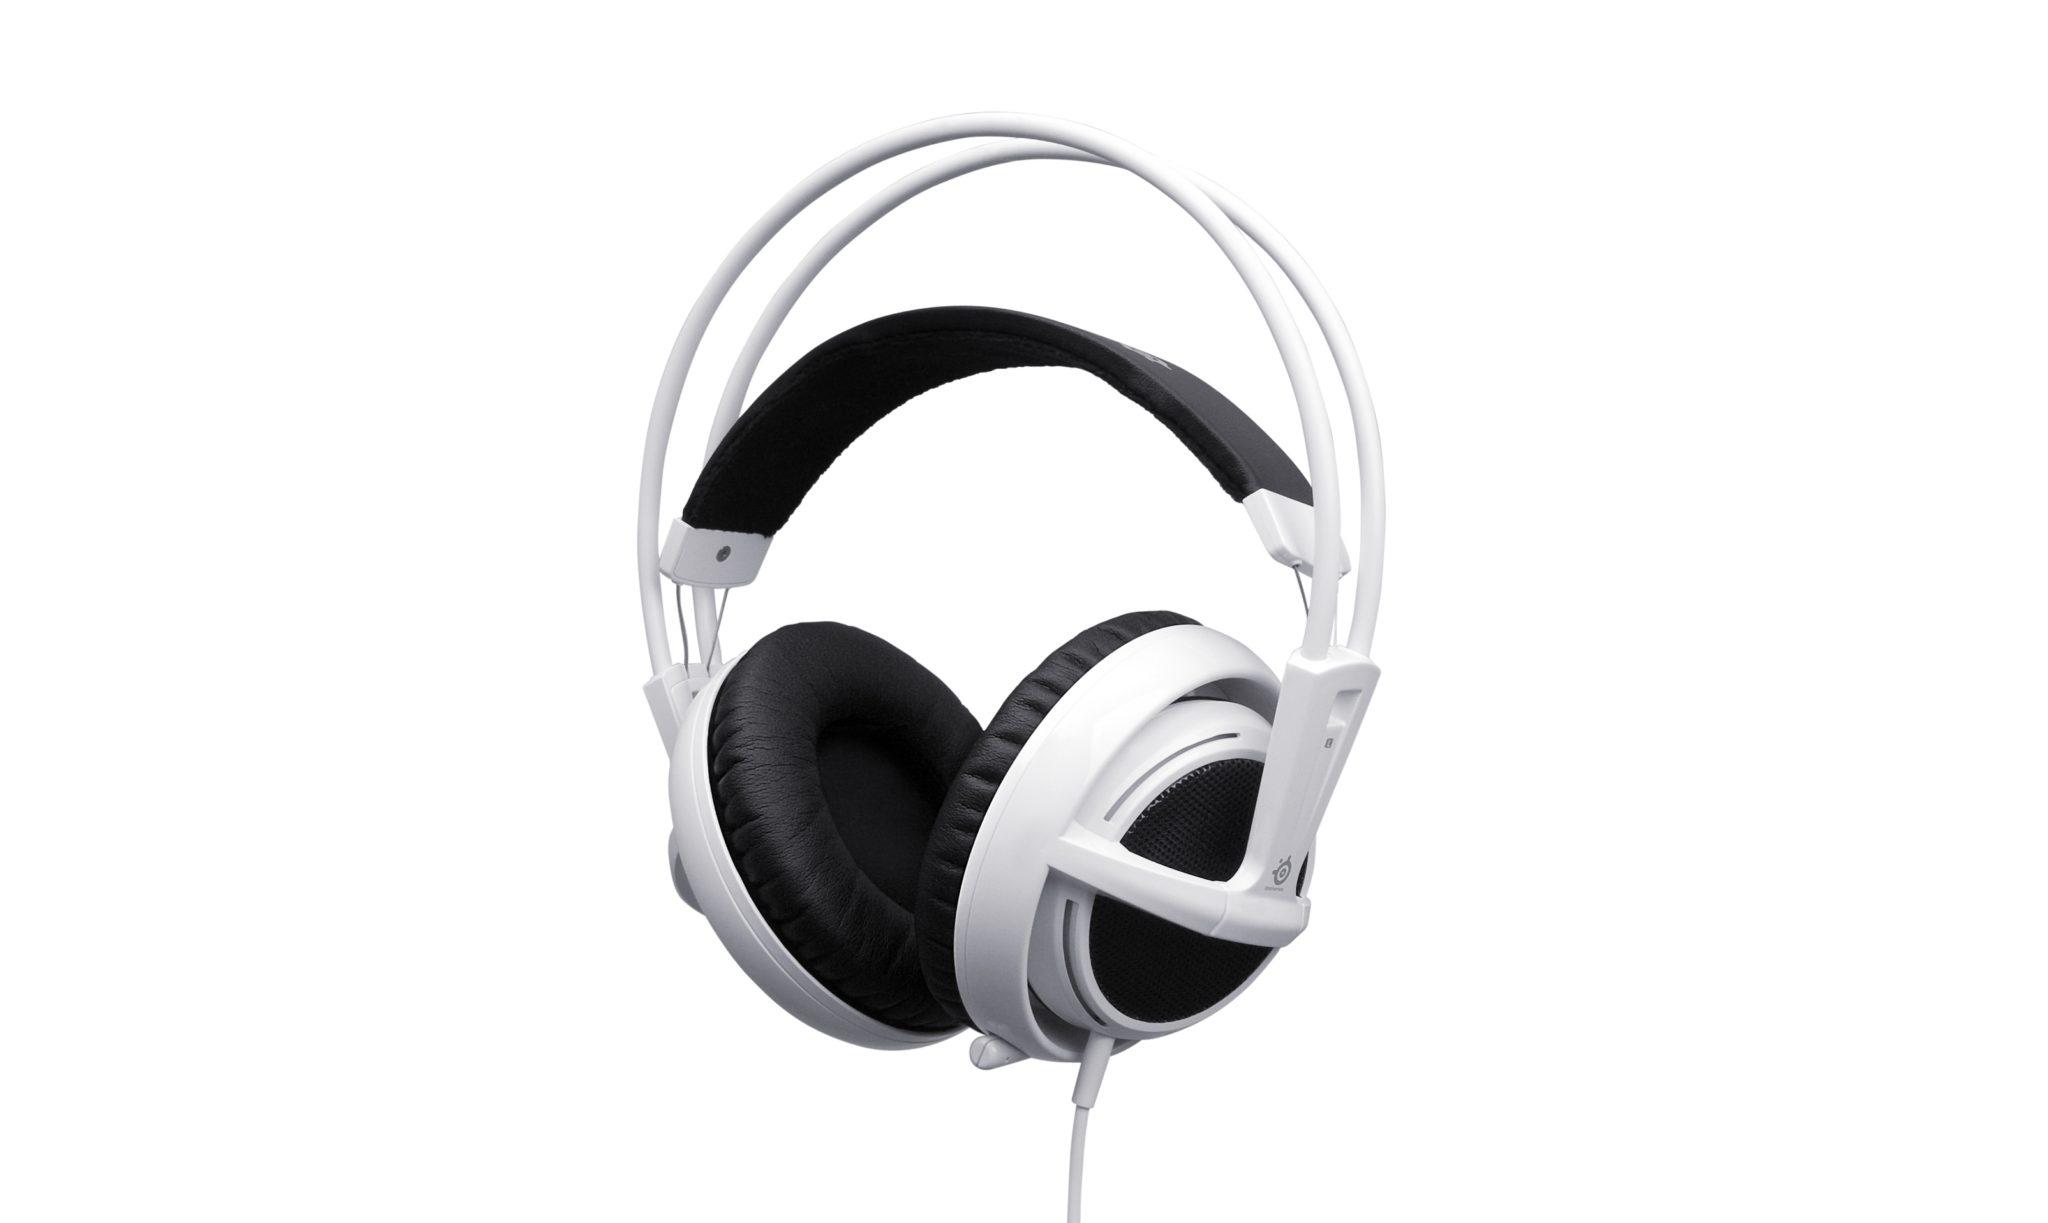 słuchawki dla gracza do 300 zł steelseries